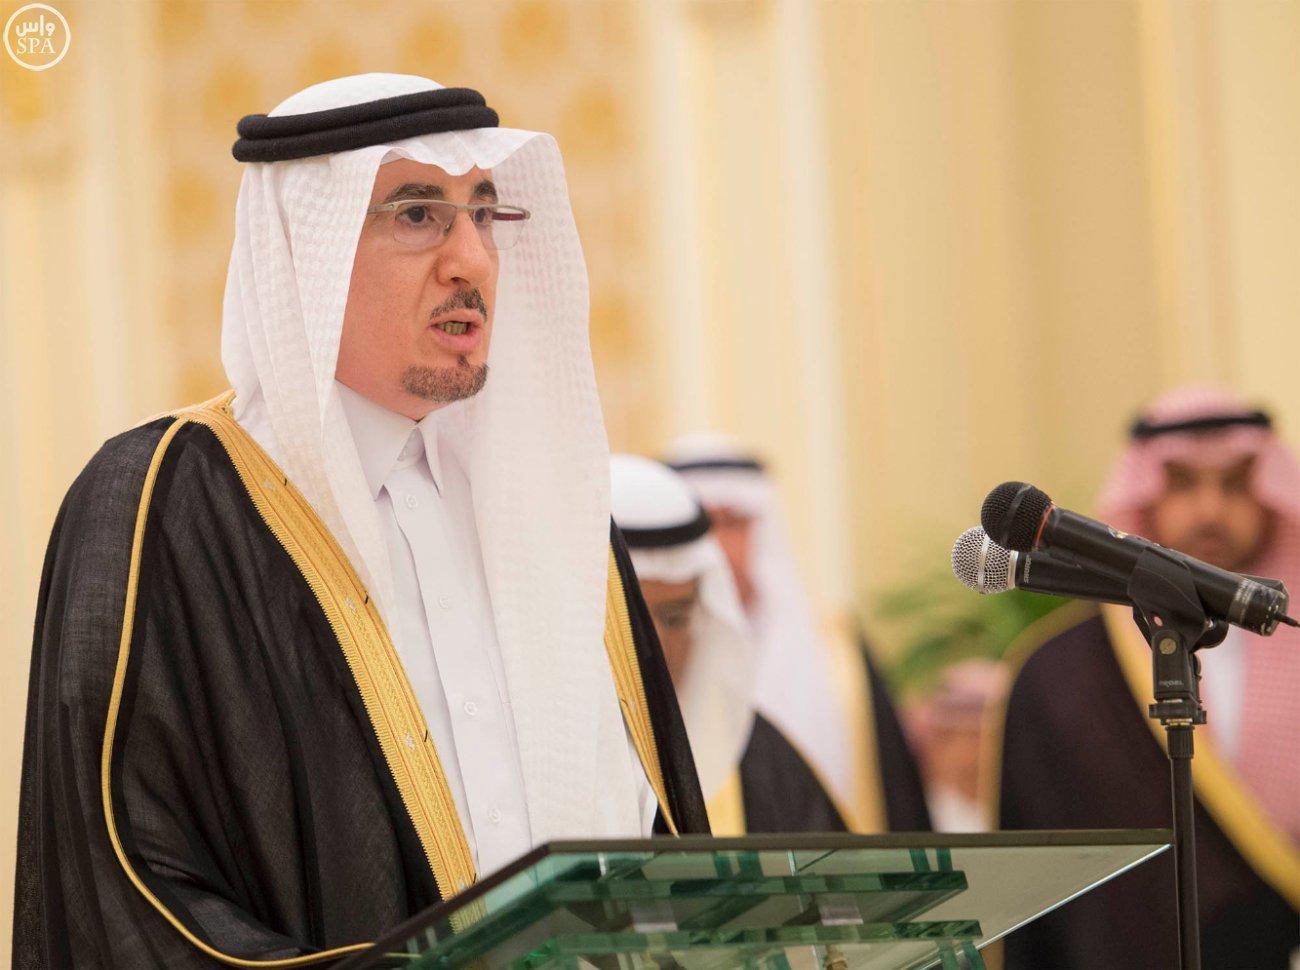 Mufrej Al Haqbani